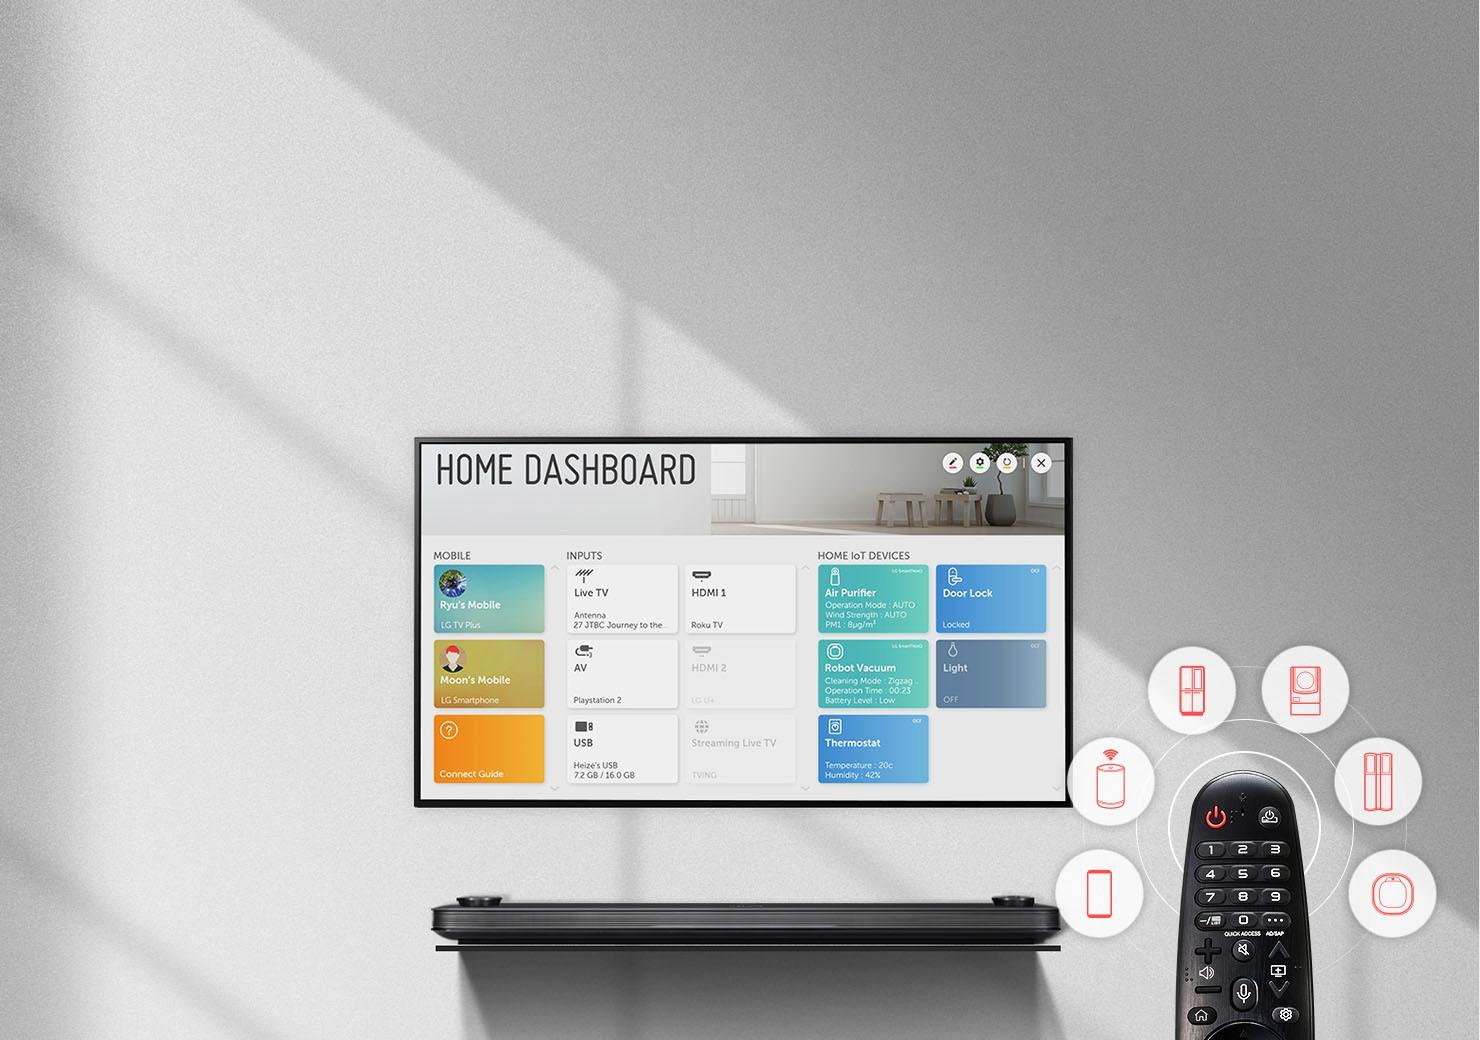 Smart Tivi LG 4K 43 inch 43UN7300PTC.ATV - Tích hợp nhiều ứng dụng thông minh